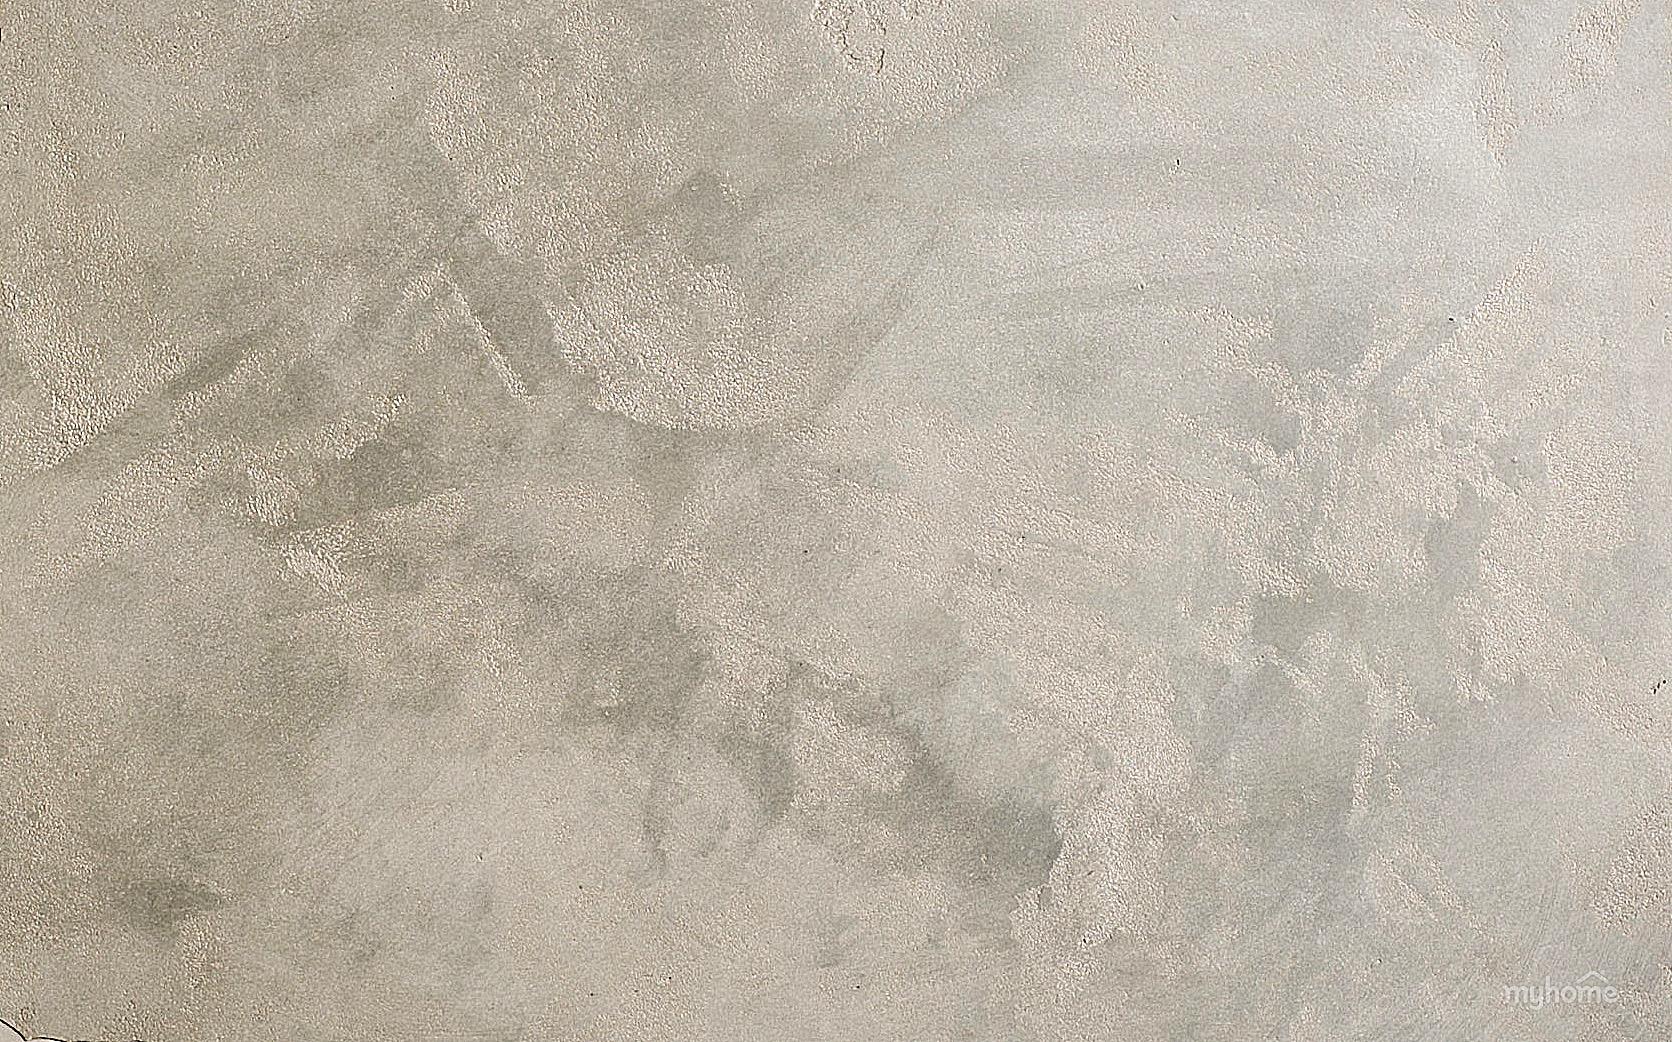 песок для строительных работ москва купить